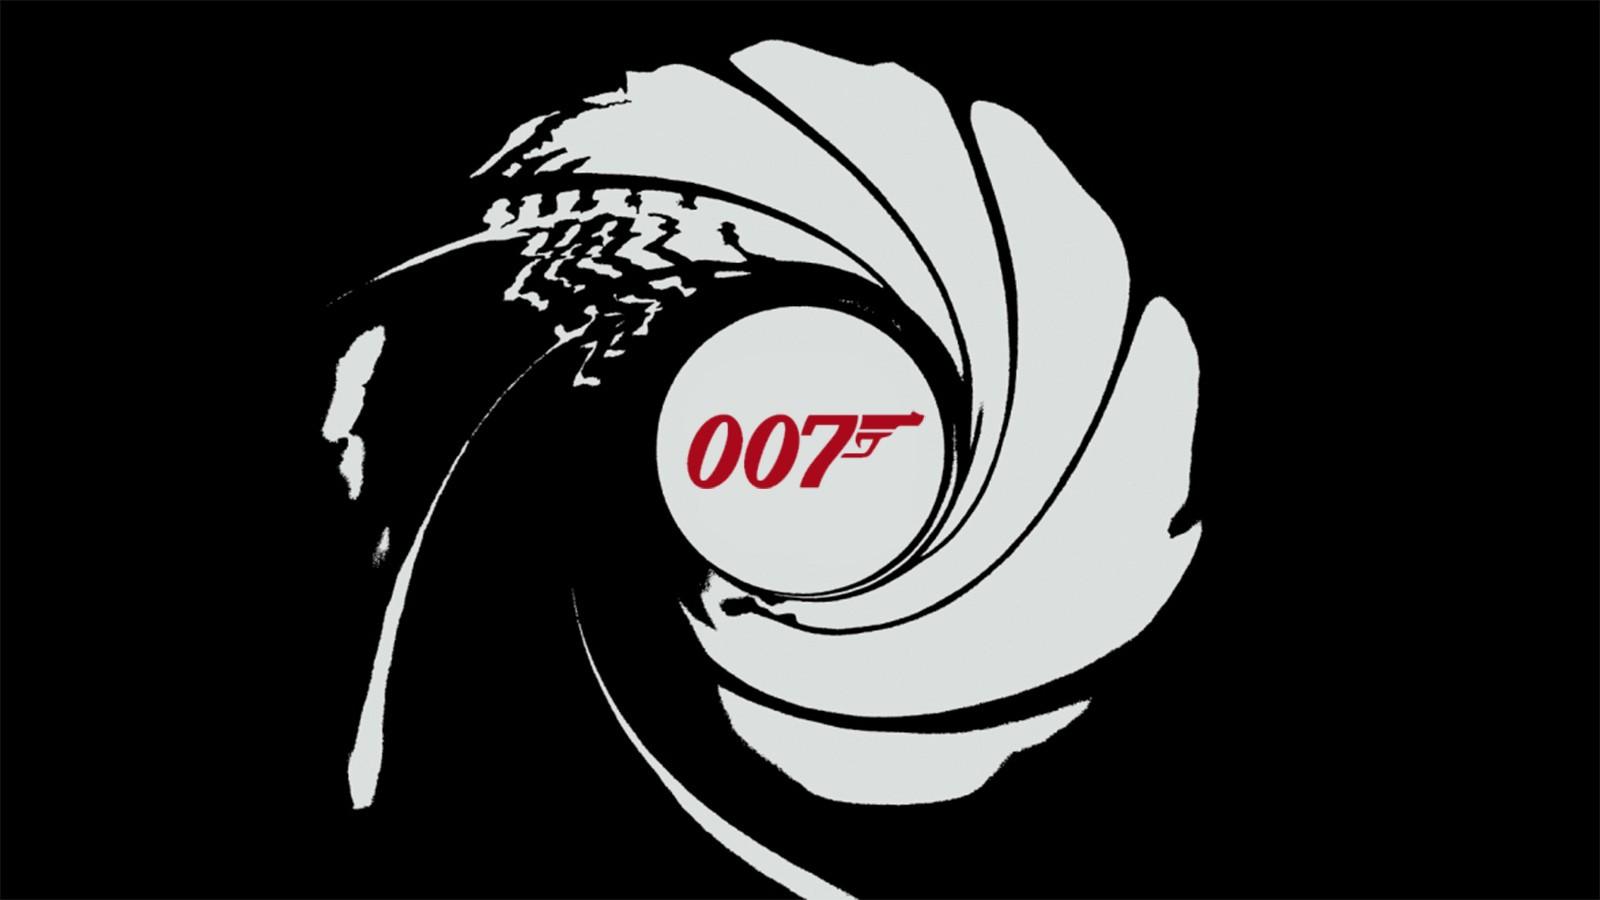 007ジェームズボンドロゴ 007壁紙hd 1600x900 Wallpapertip